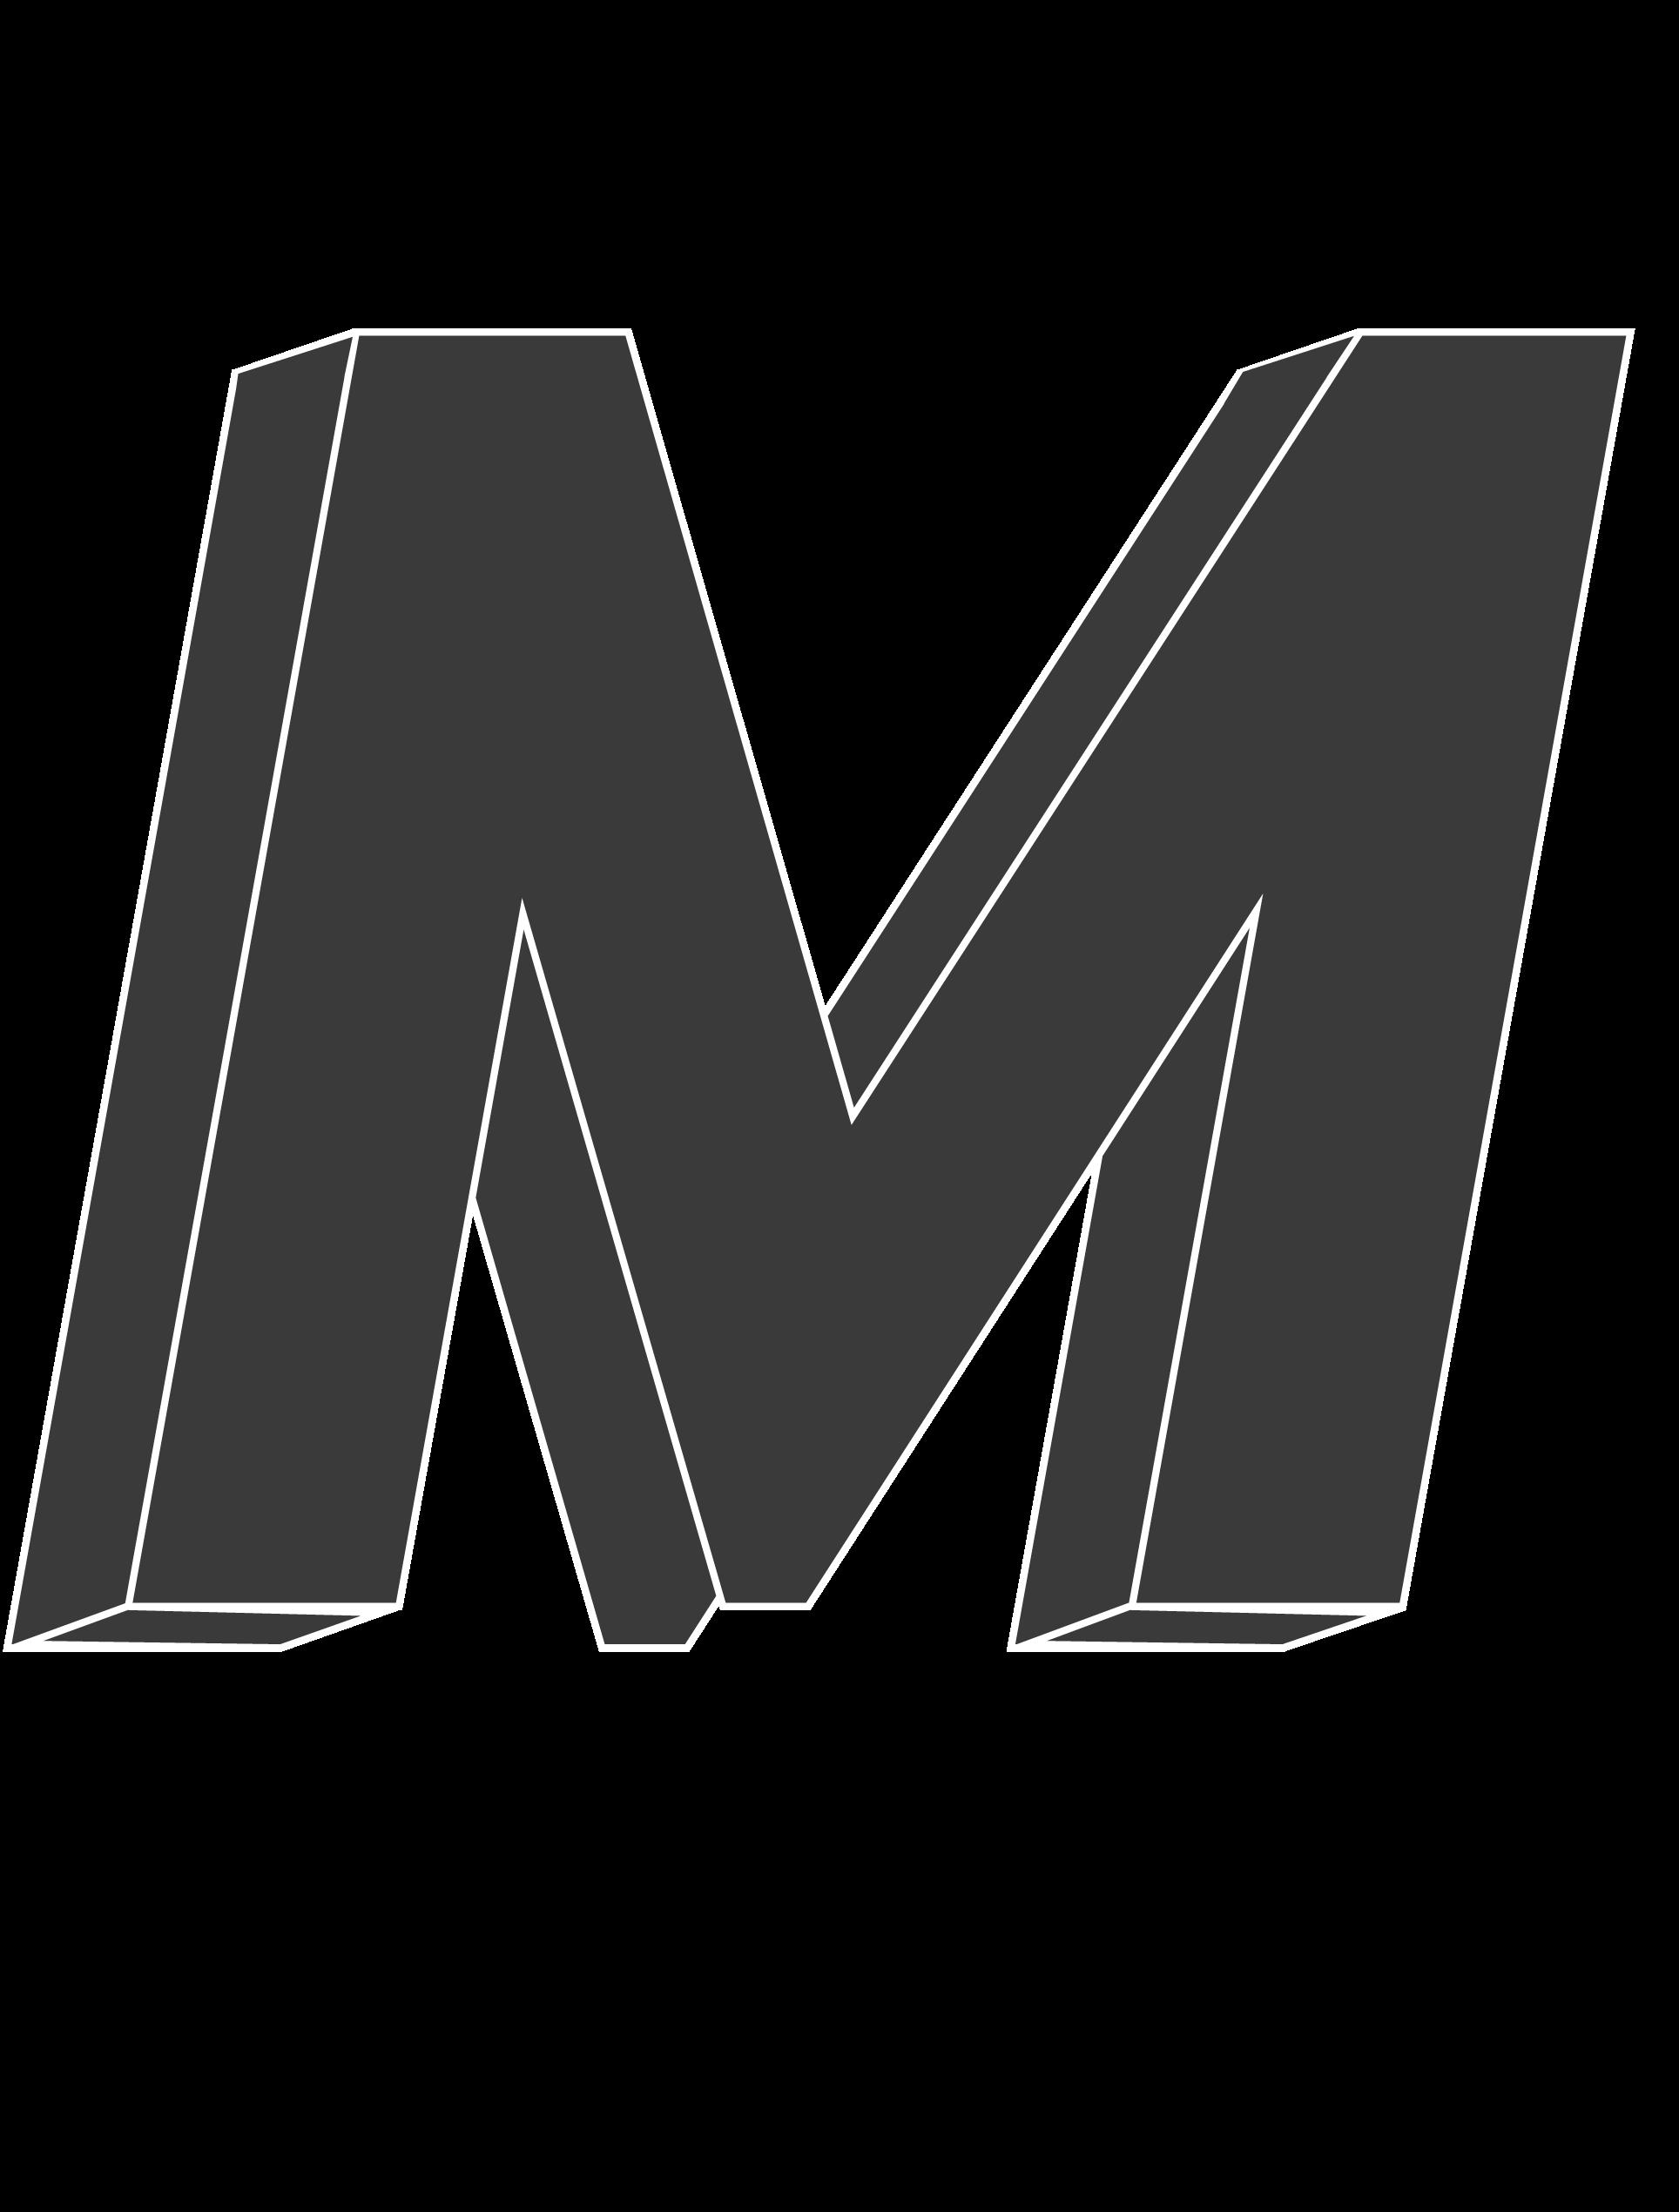 Mike Merlino